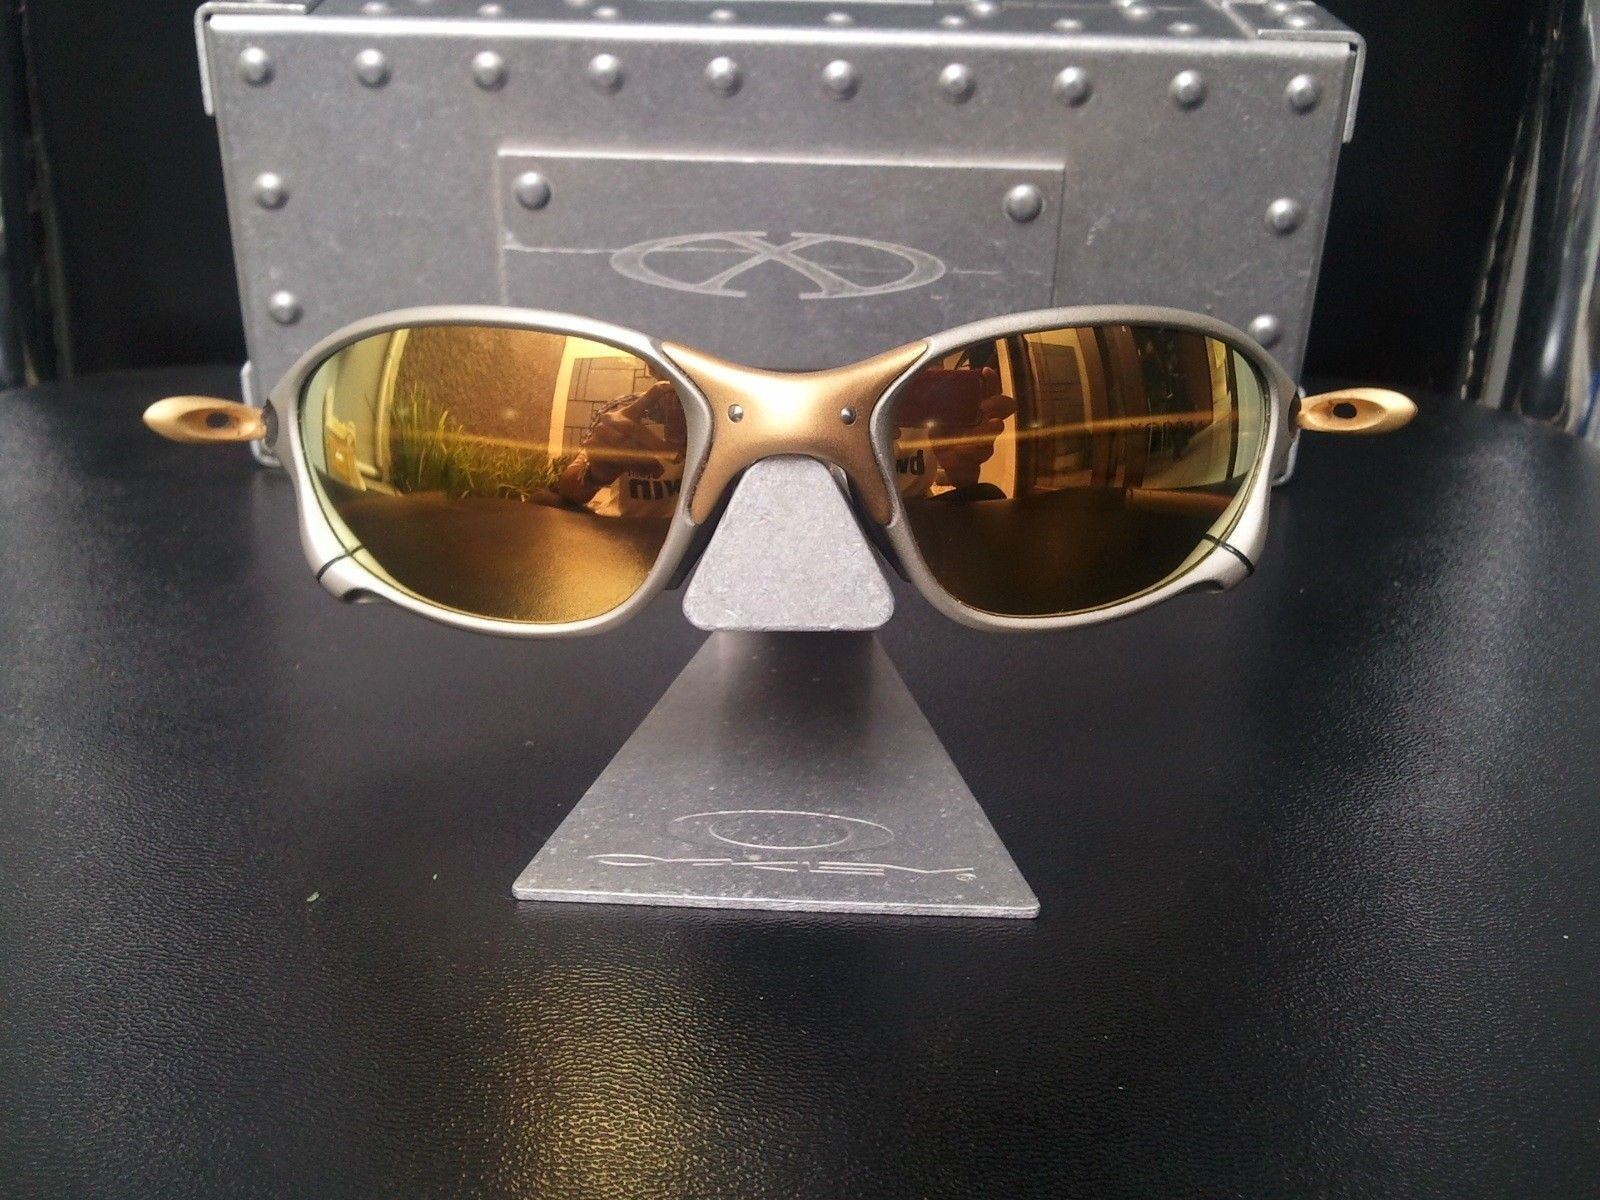 Oakley Forum 10,000 Member Giveaway - Oakley_XMetal_XX_24K_Sunglasses_2.JPG